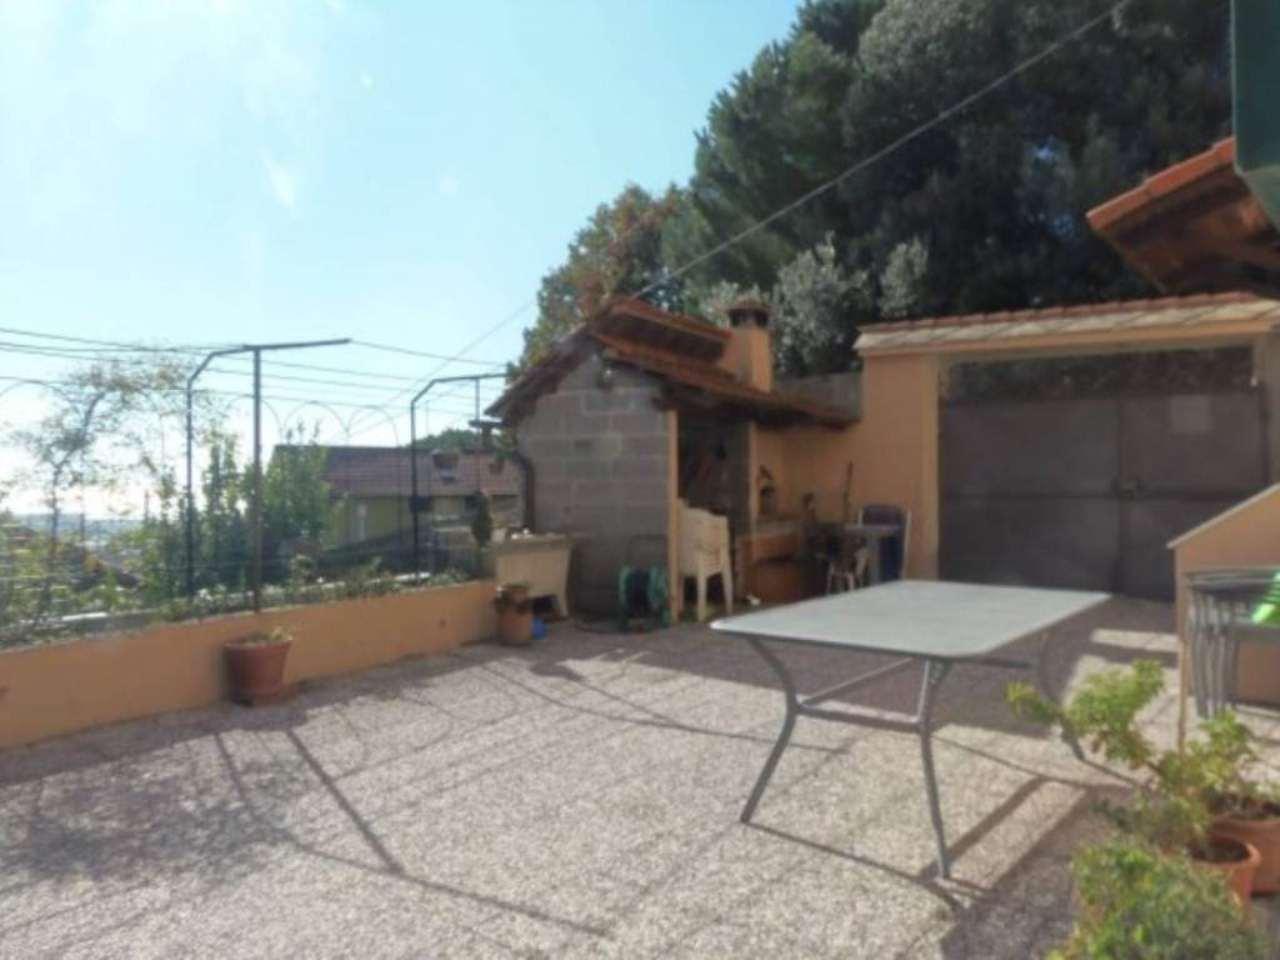 Rustico / Casale in vendita a Genova, 6 locali, zona Zona: 13 . Sestri Ponente, Medio Ponente, prezzo € 315.000 | Cambio Casa.it